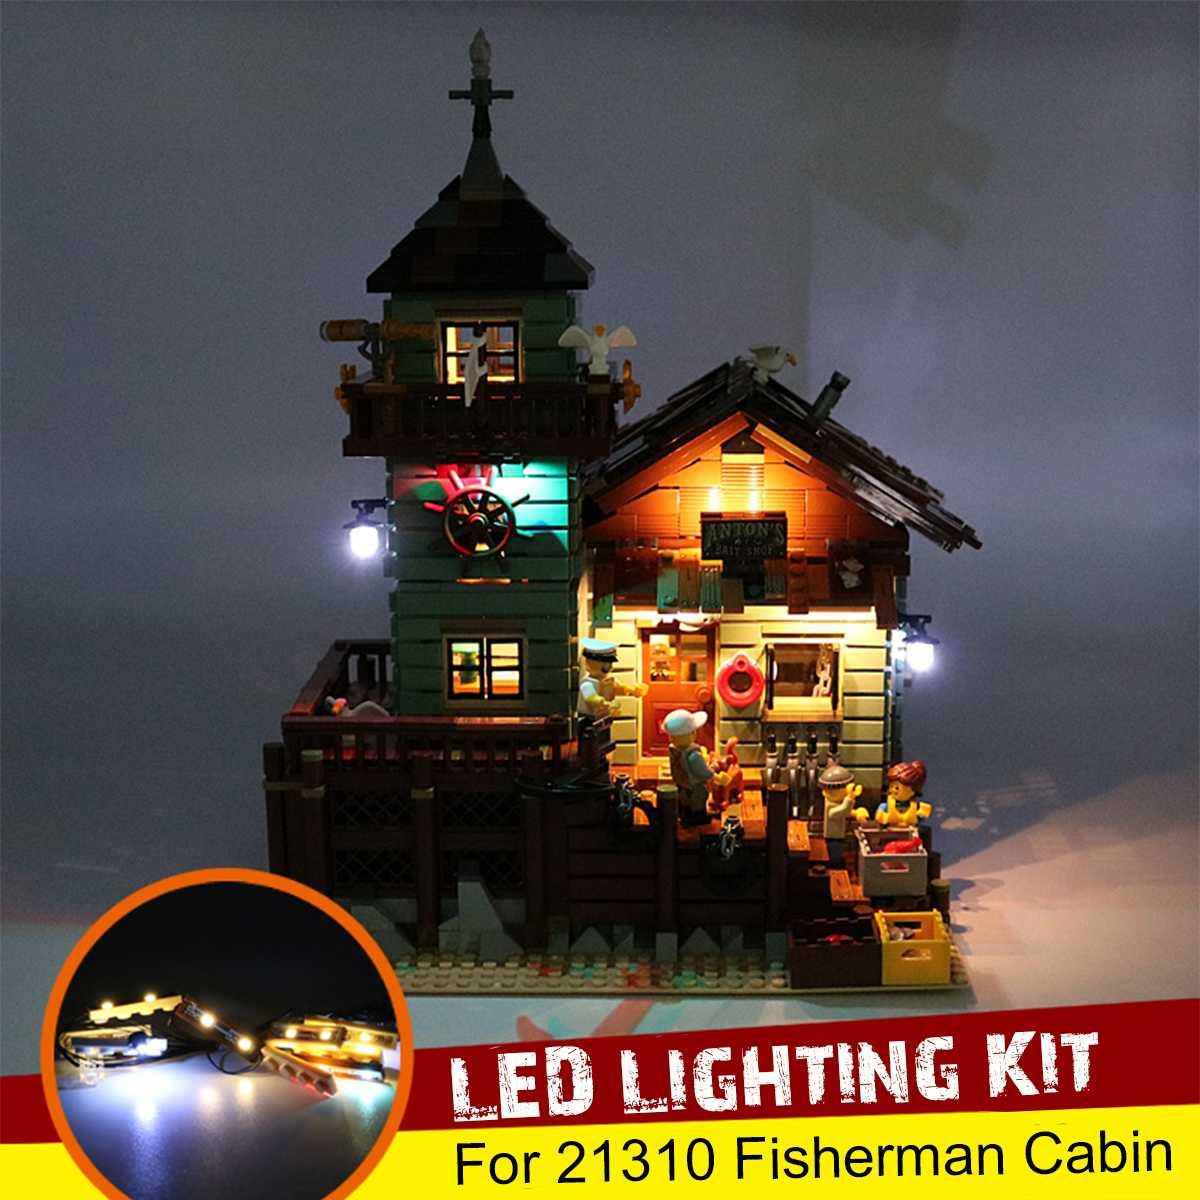 Kit de iluminação led usb apenas para lego 21310 para pescador cabine pesca loja blocos de construção tijolos brinquedo (para não incluir o modelo)